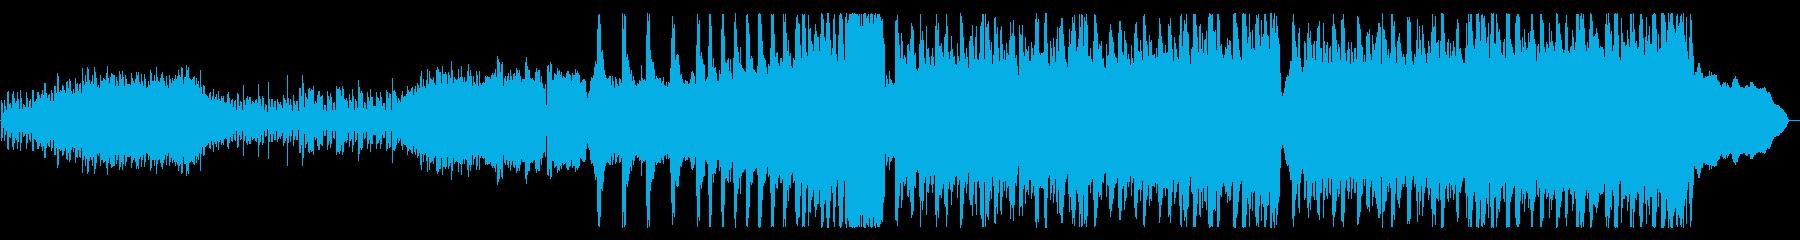 クールで重厚なロックの再生済みの波形